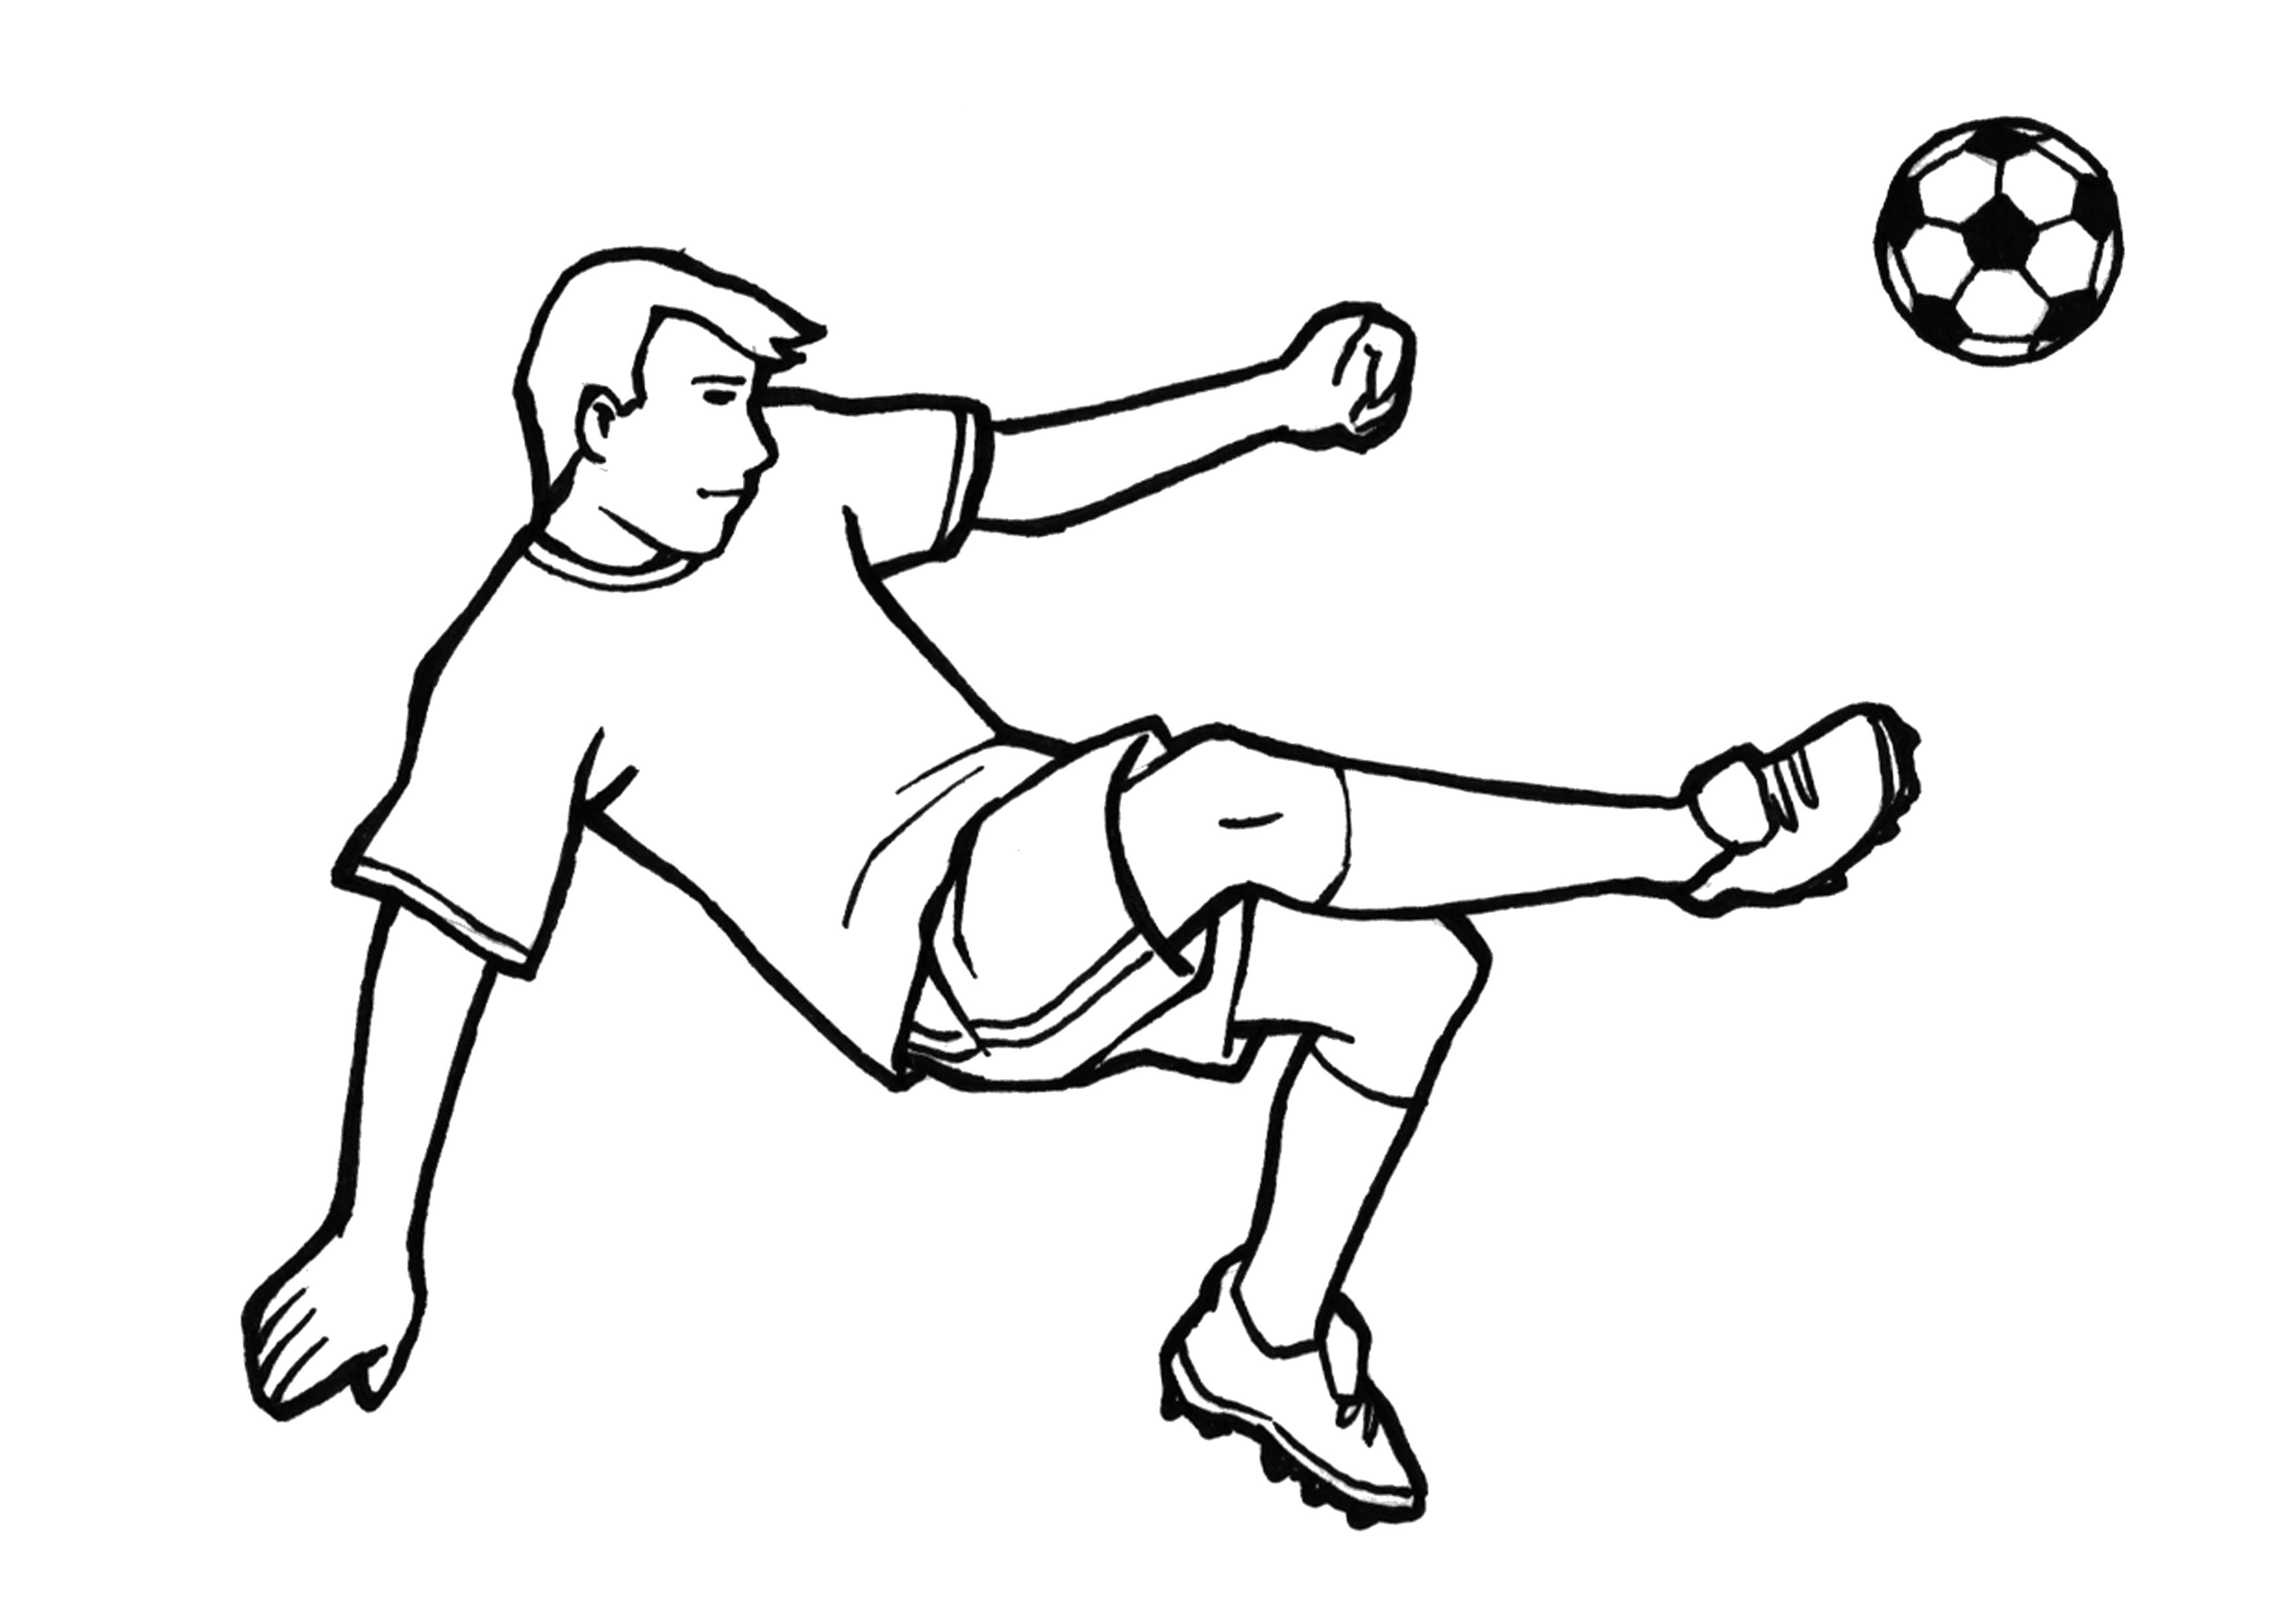 Malvorlagen Fussball Ausdrucken - Kostenlose Malvorlagen Ideen